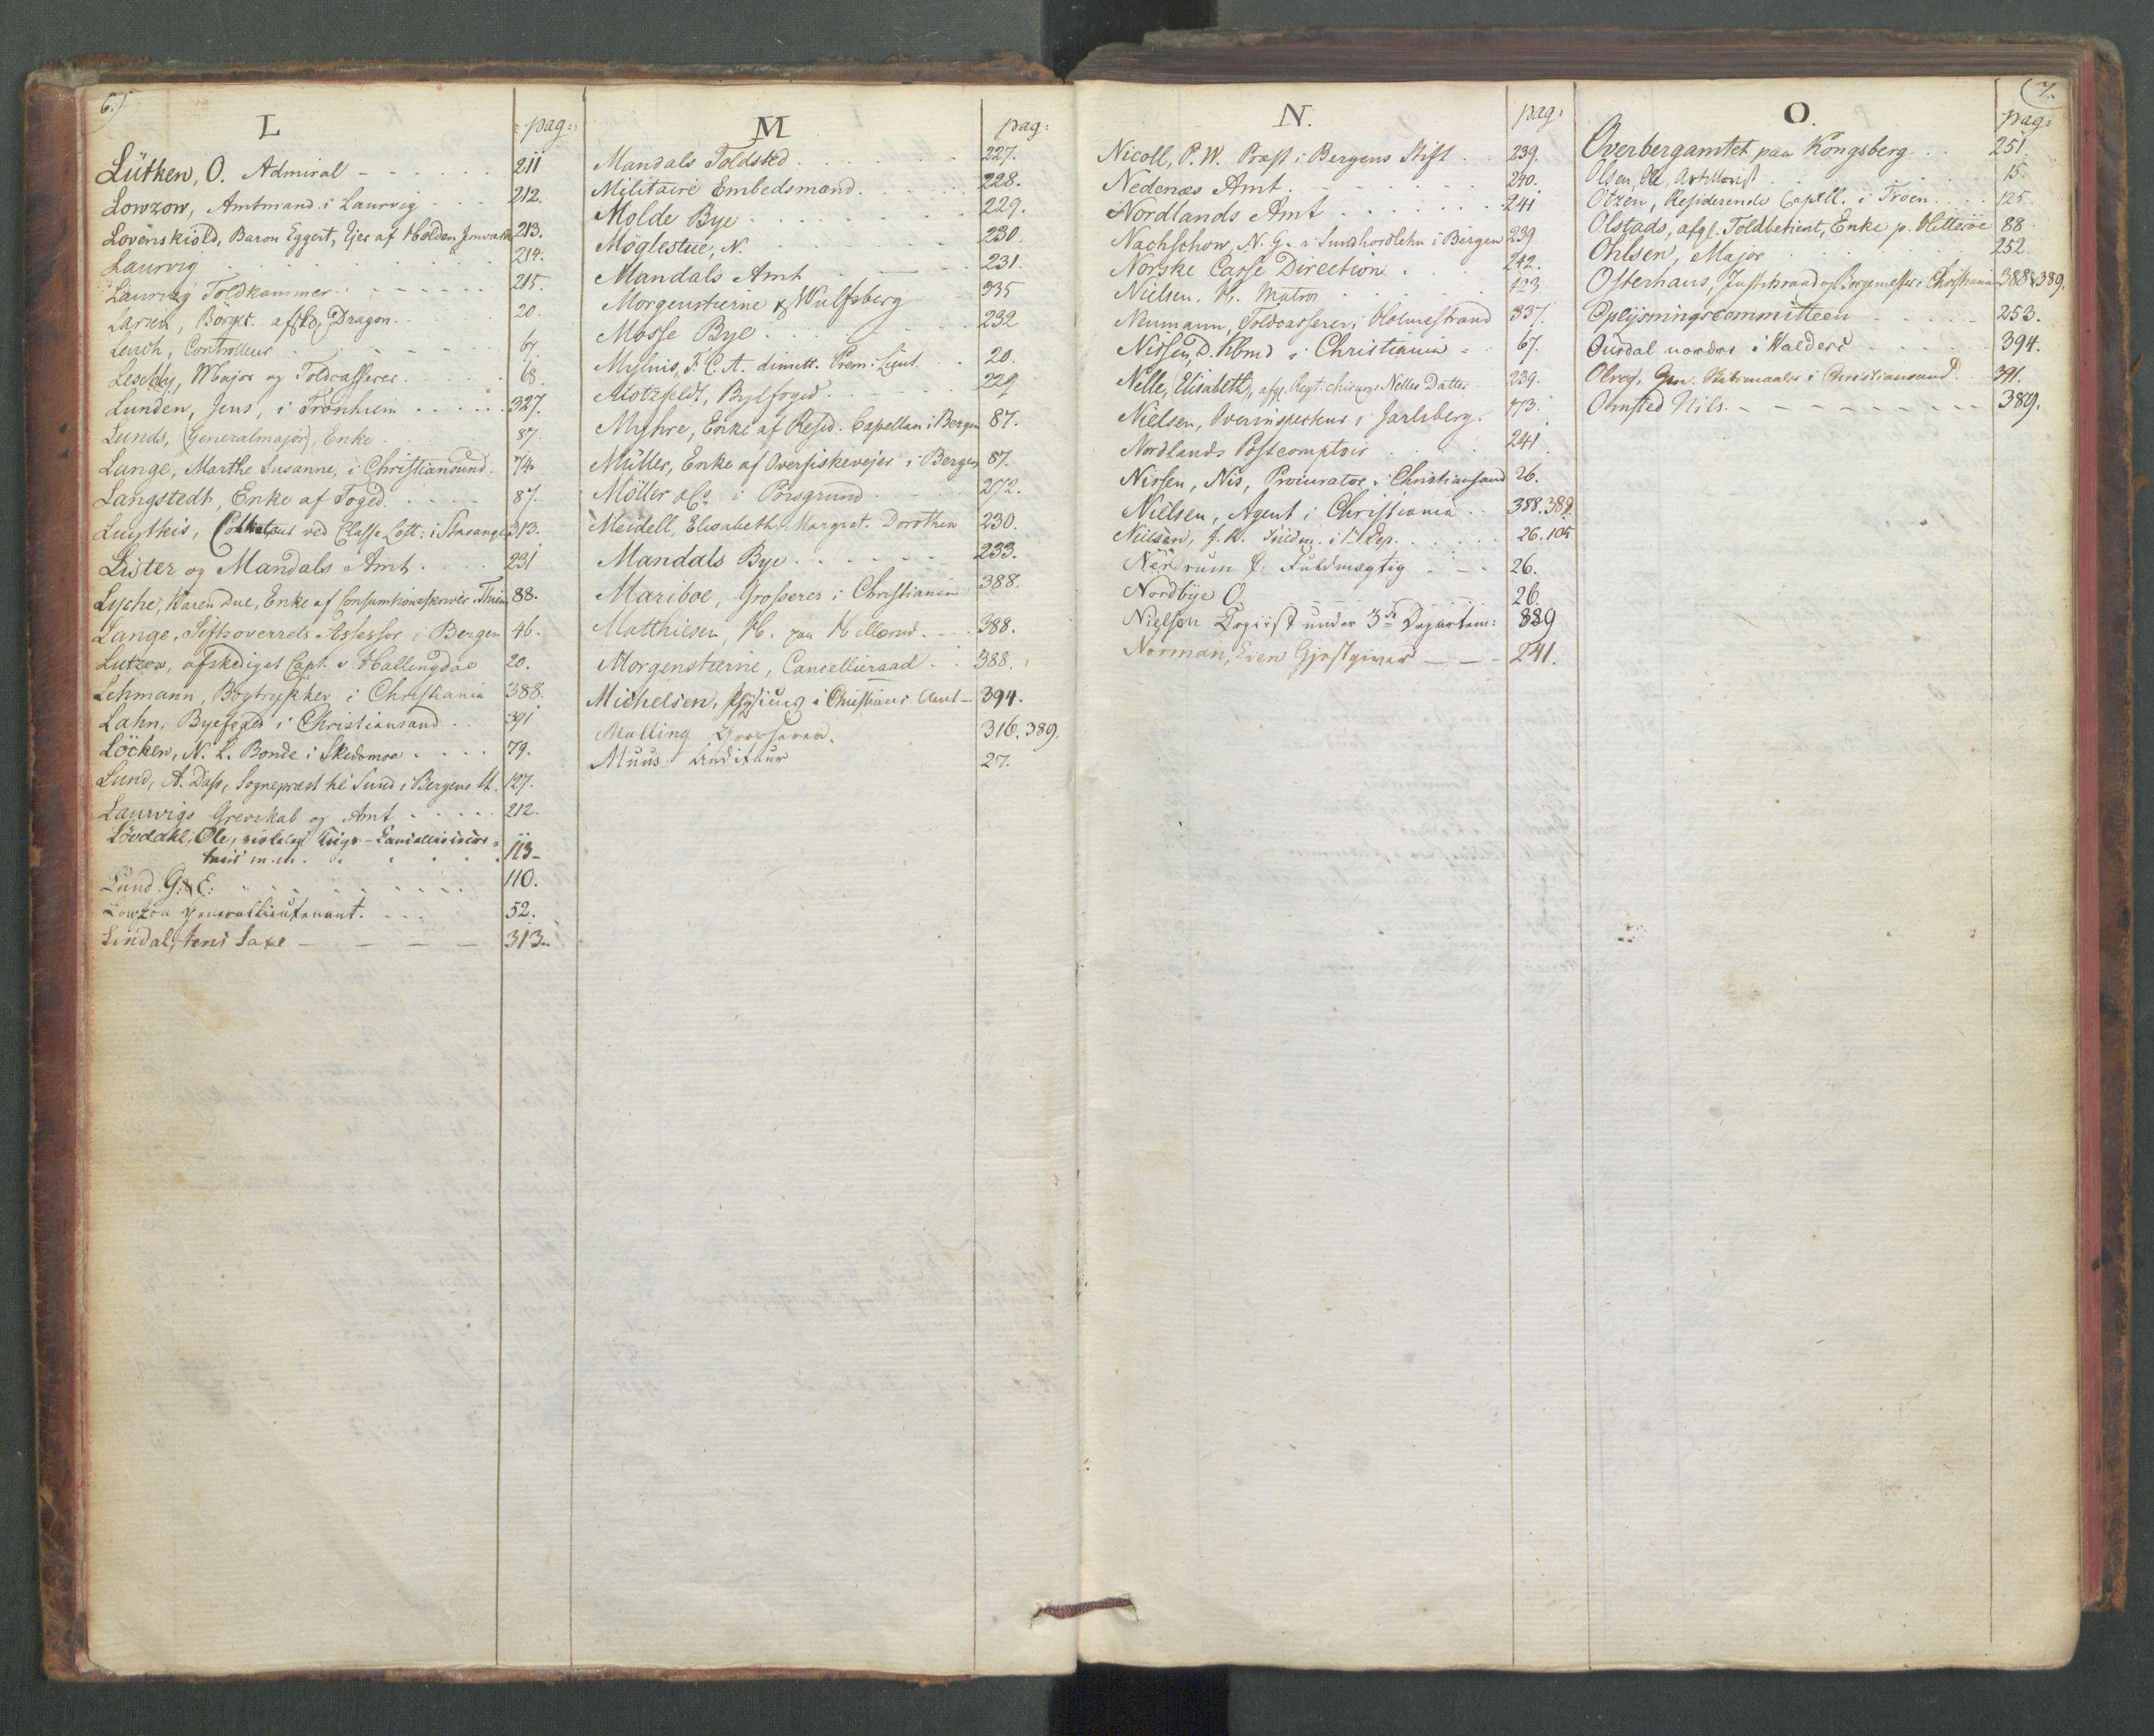 RA, Departementene i 1814, Fa/L0009: 1. byrå - Fellesregister til journalene A og B, 1814, s. 6-7